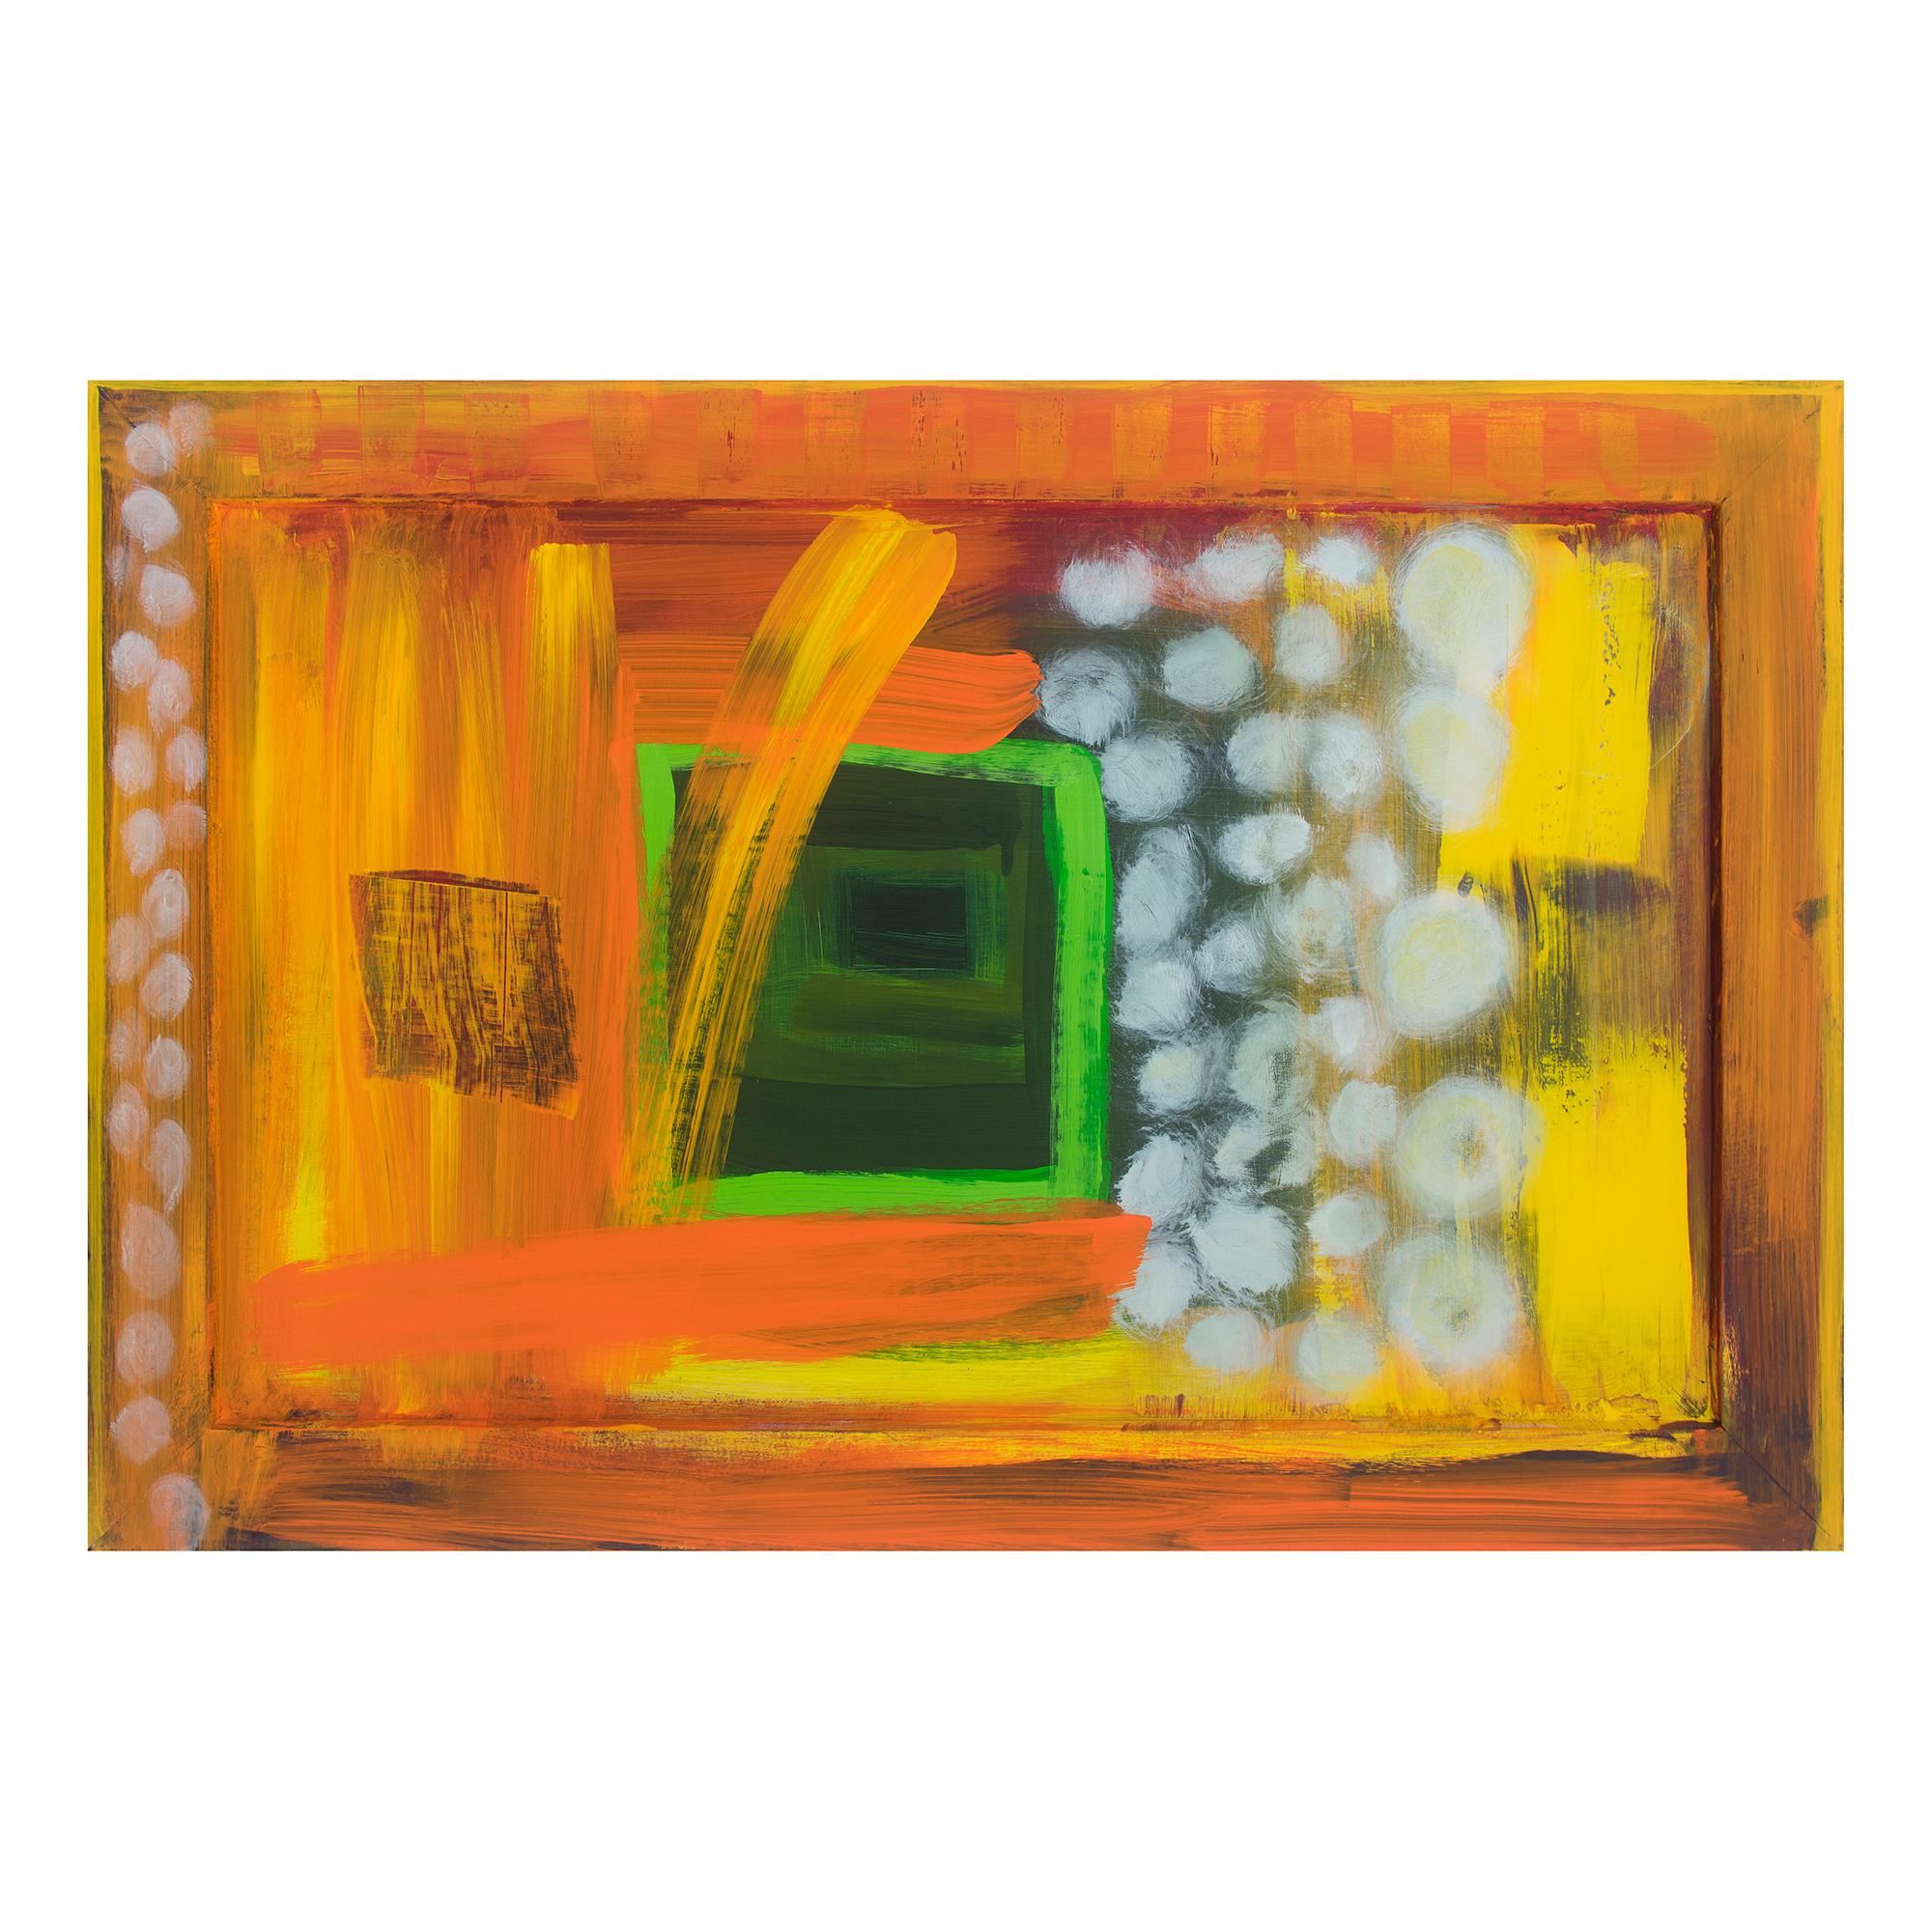 WN255. As an Orange on a Tree